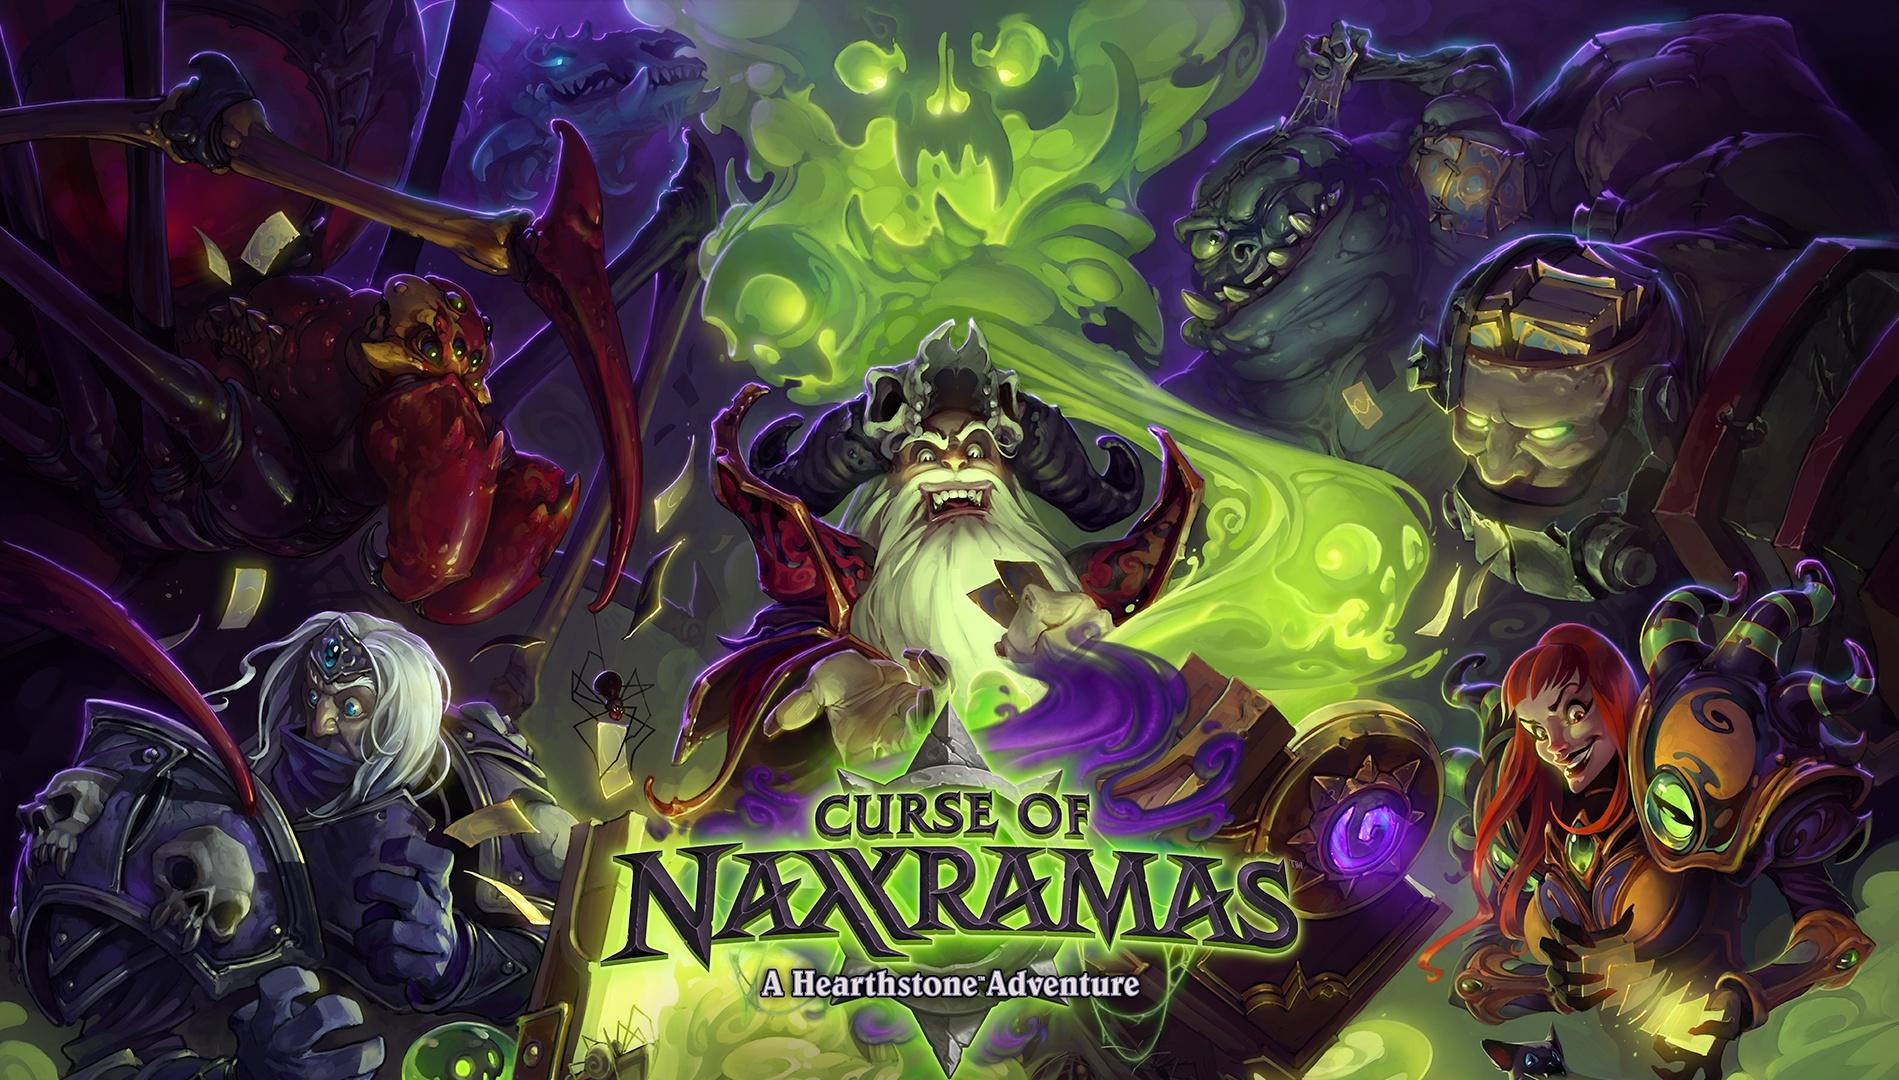 lh_Curse-of-Naxxramas-logo